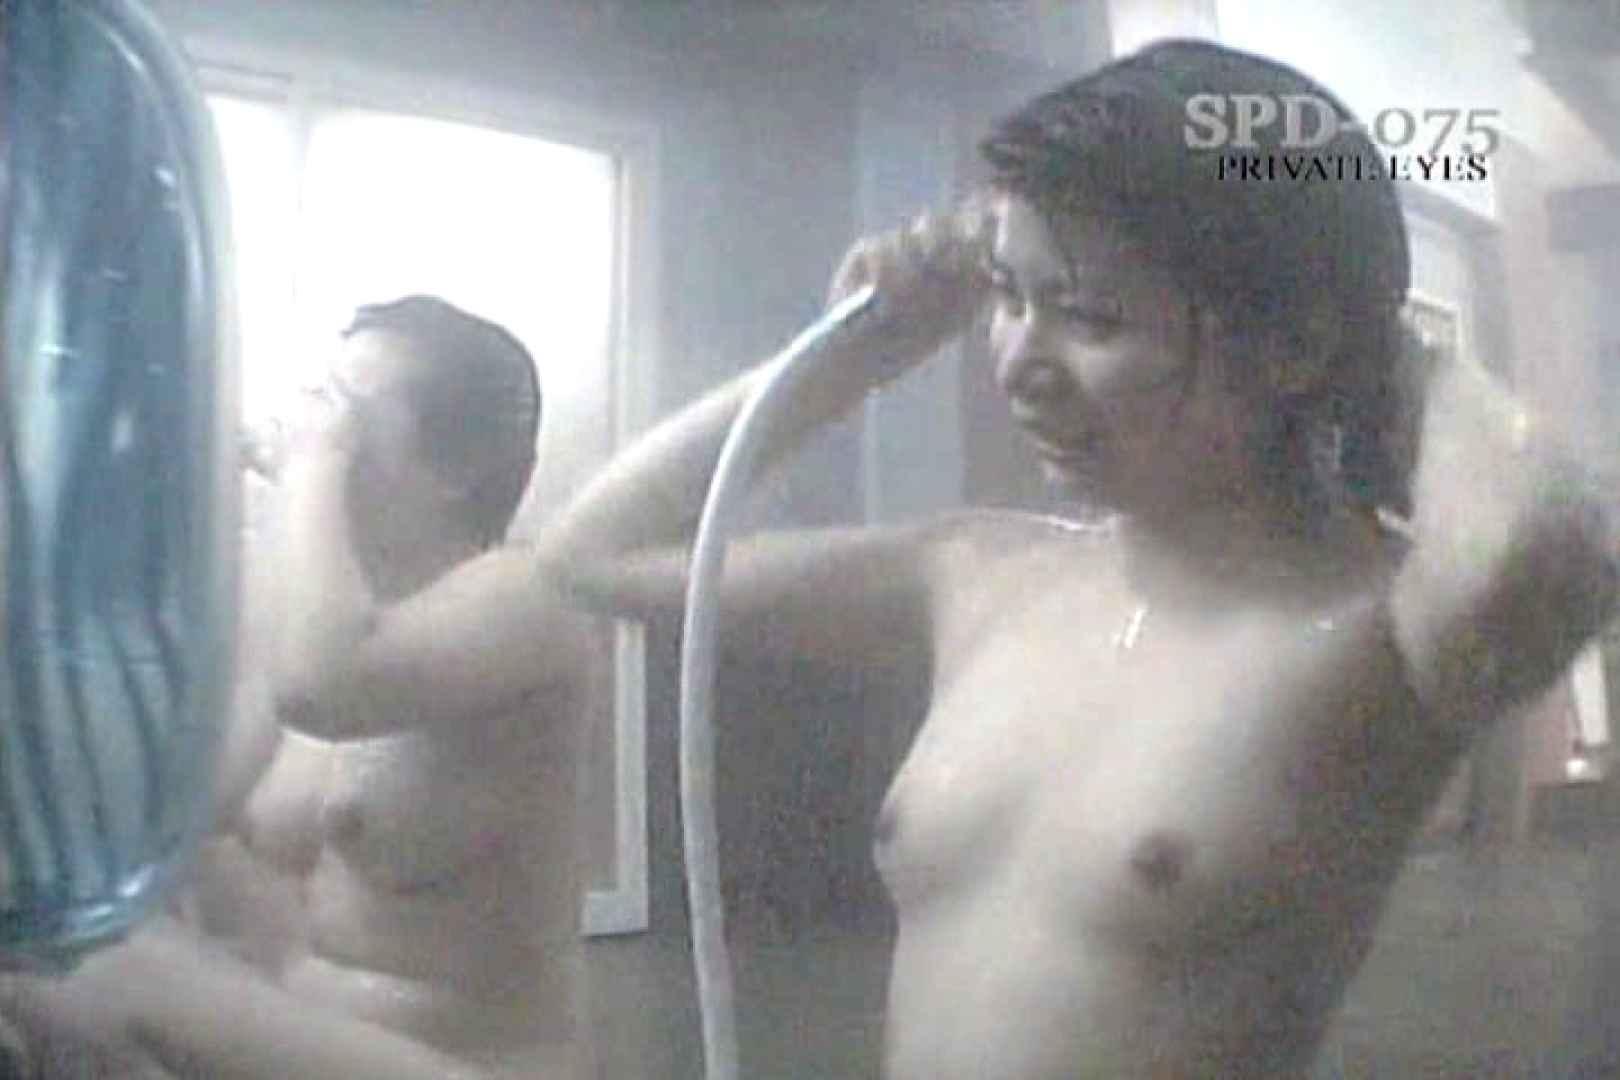 高画質版!SPD-075 脱衣所から洗面所まで 9カメ追跡盗撮 0  62連発 12